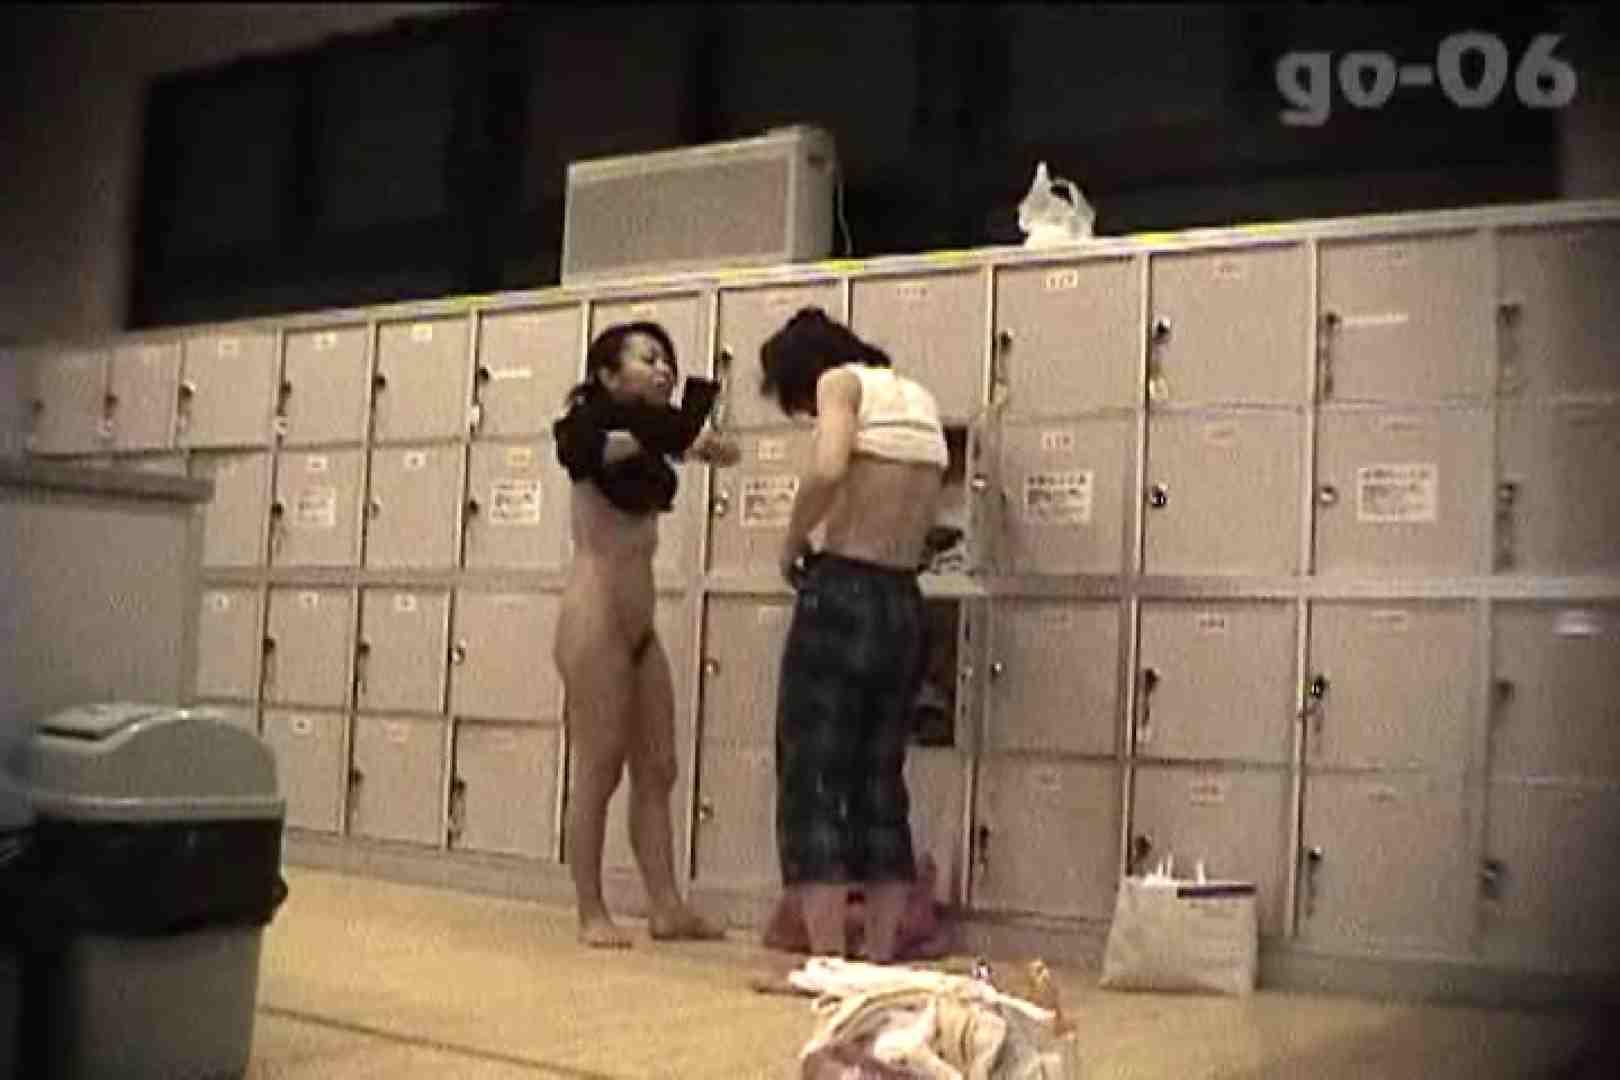 電波カメラ設置浴場からの防HAN映像 Vol.06 チラ | 盗撮  71pic 31